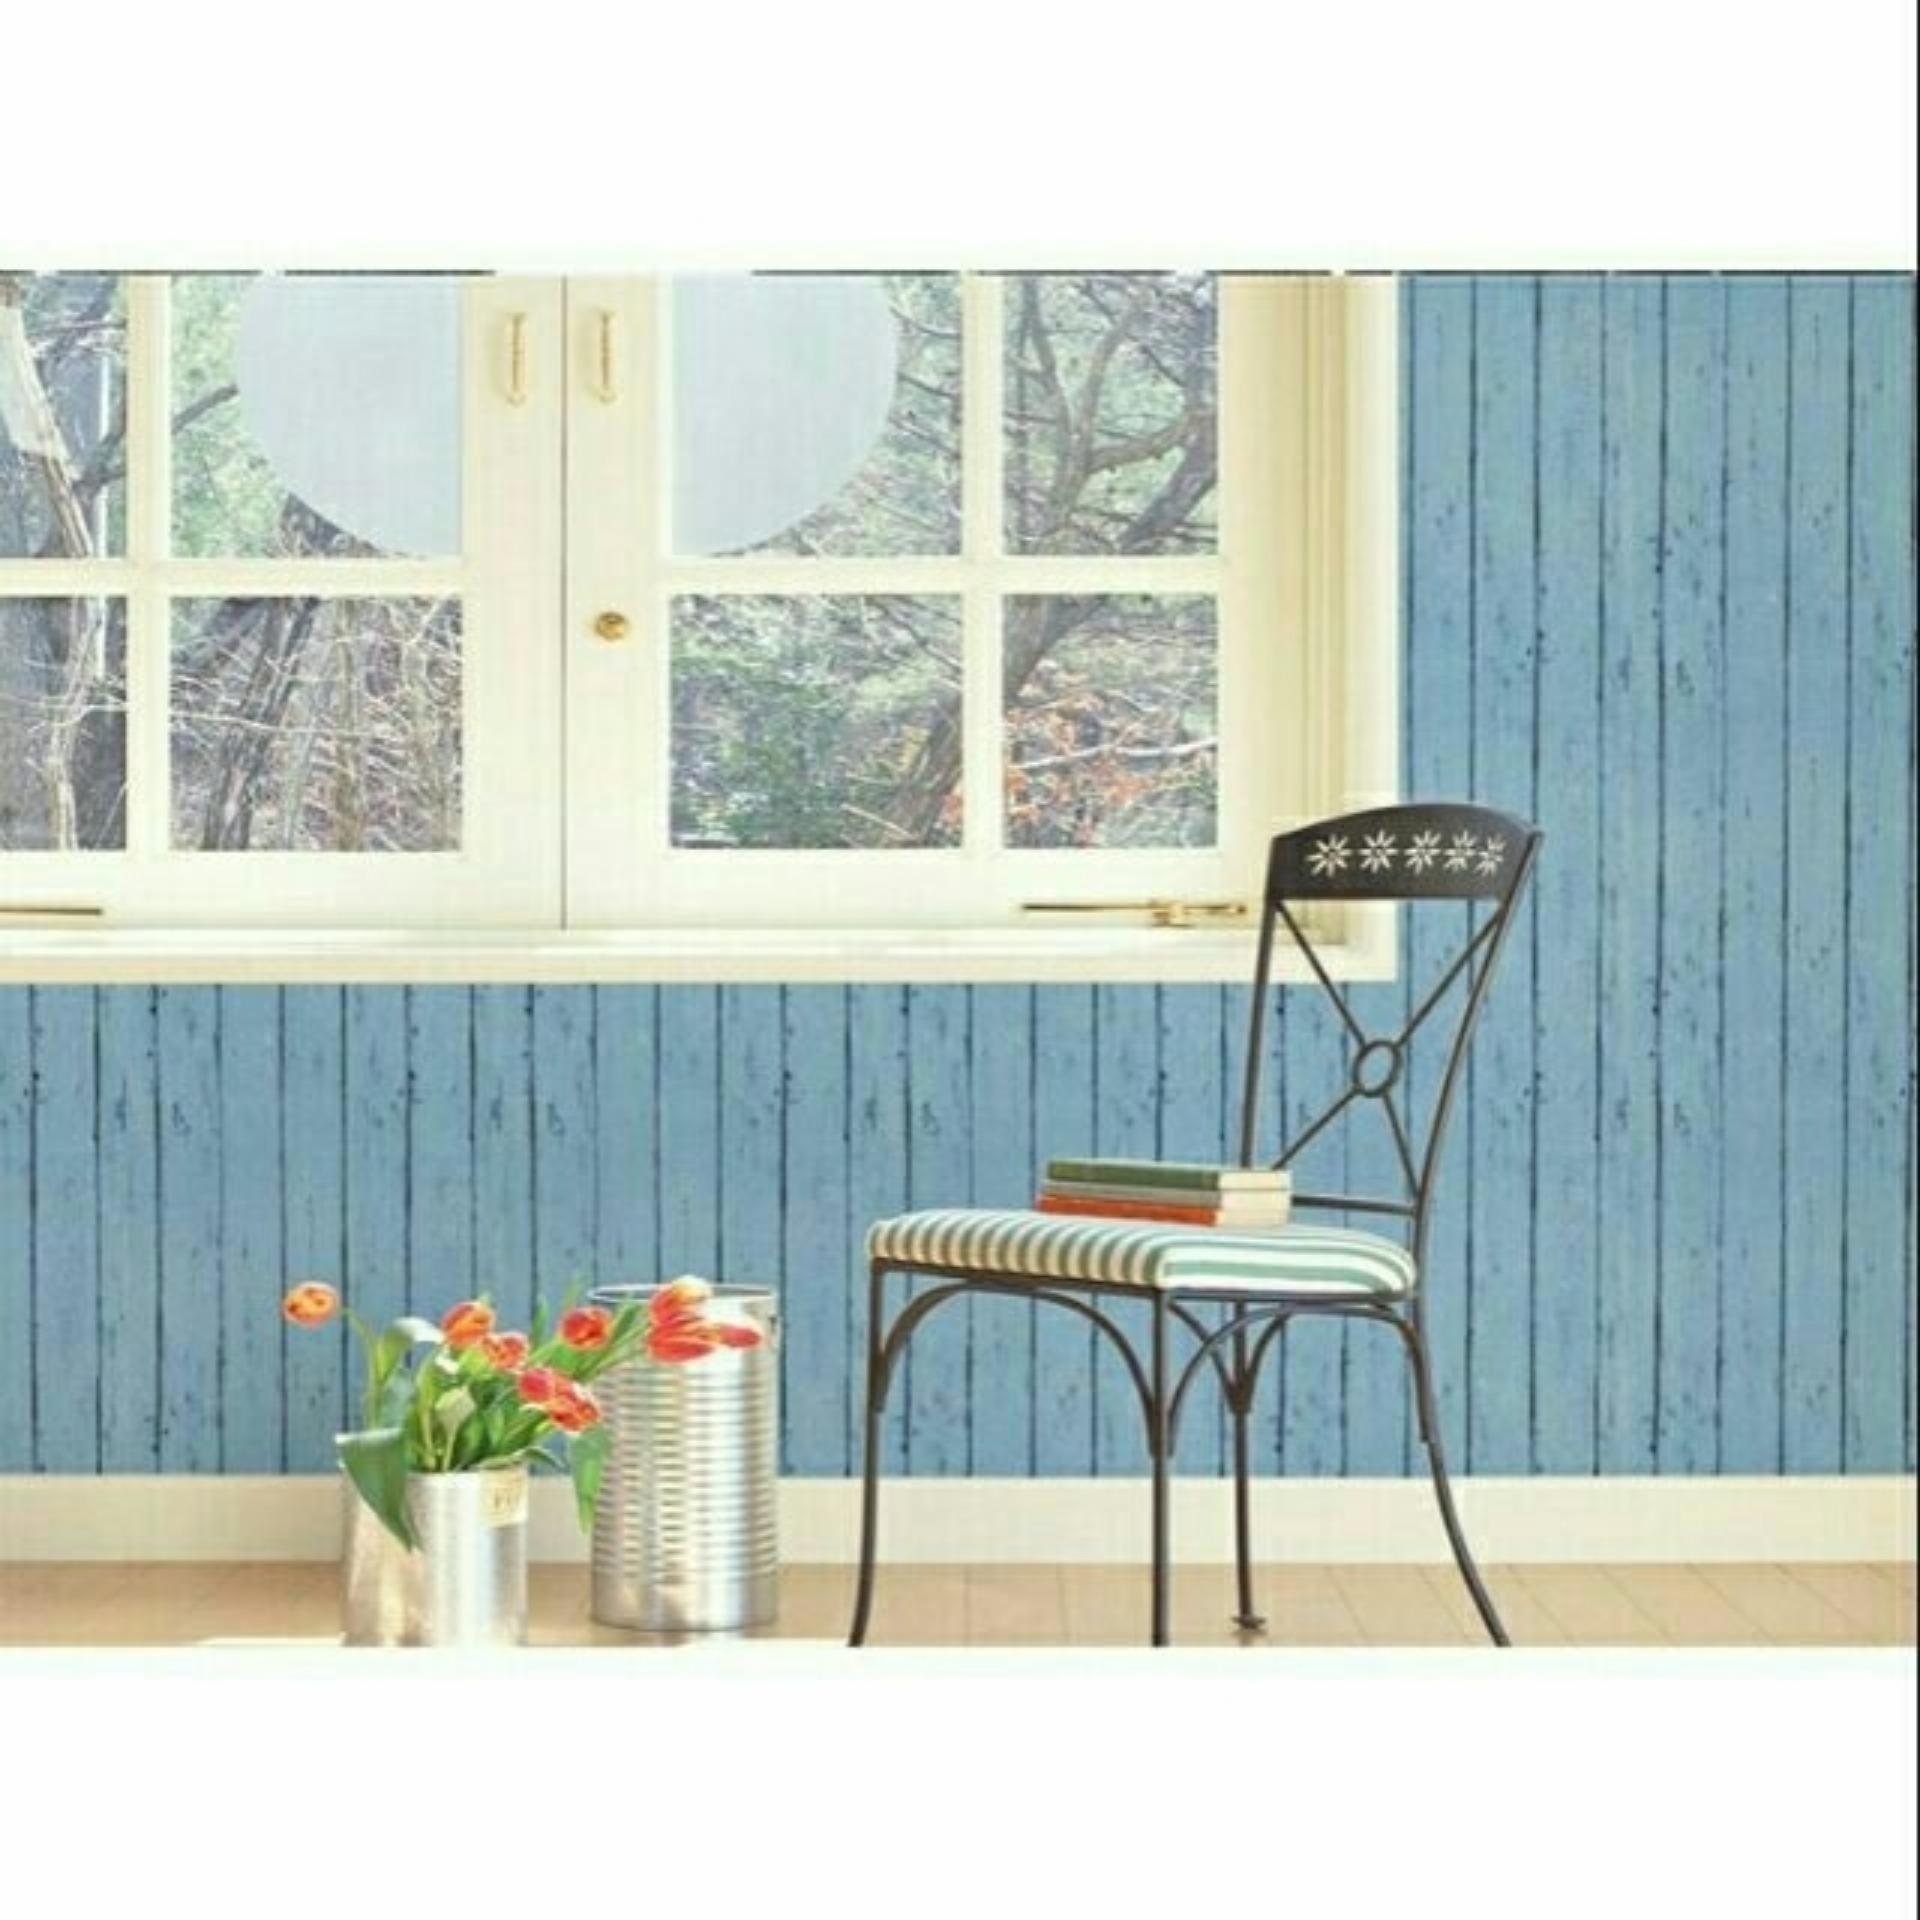 5m vuông Giấy dán tường phong cách Hàn Quốc khổ rộng 45cm Ván xanh